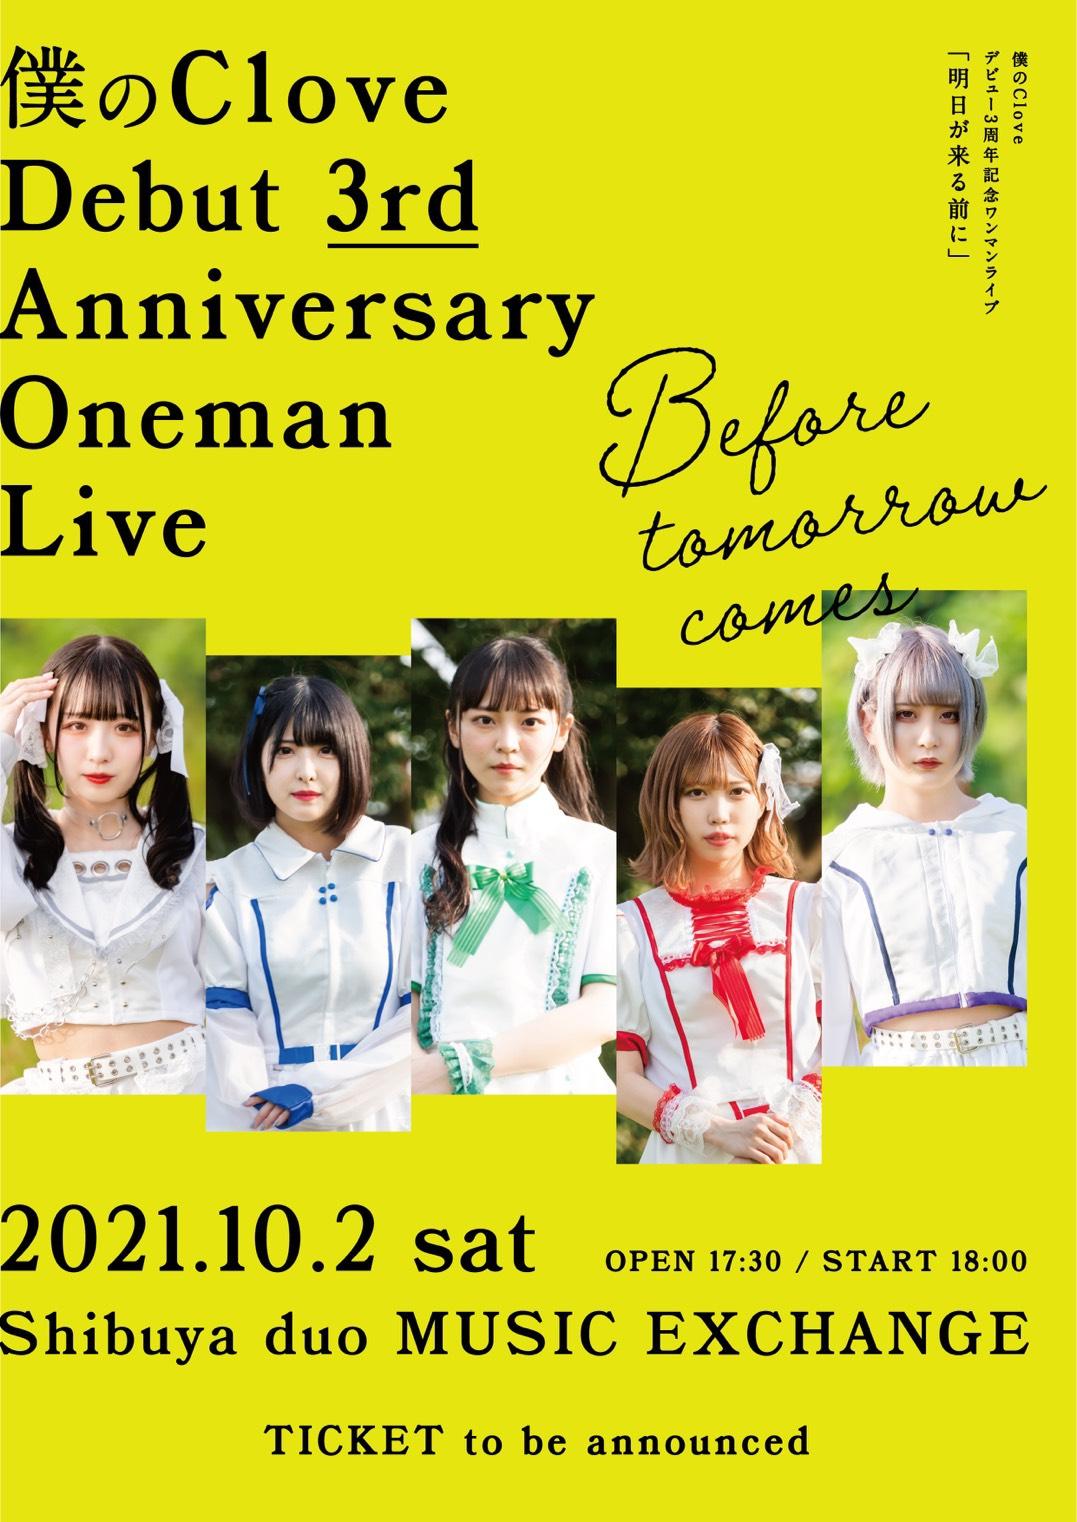 僕のClove Debut 3rd Anniversary Oneman Live -Before tomorrow comes-